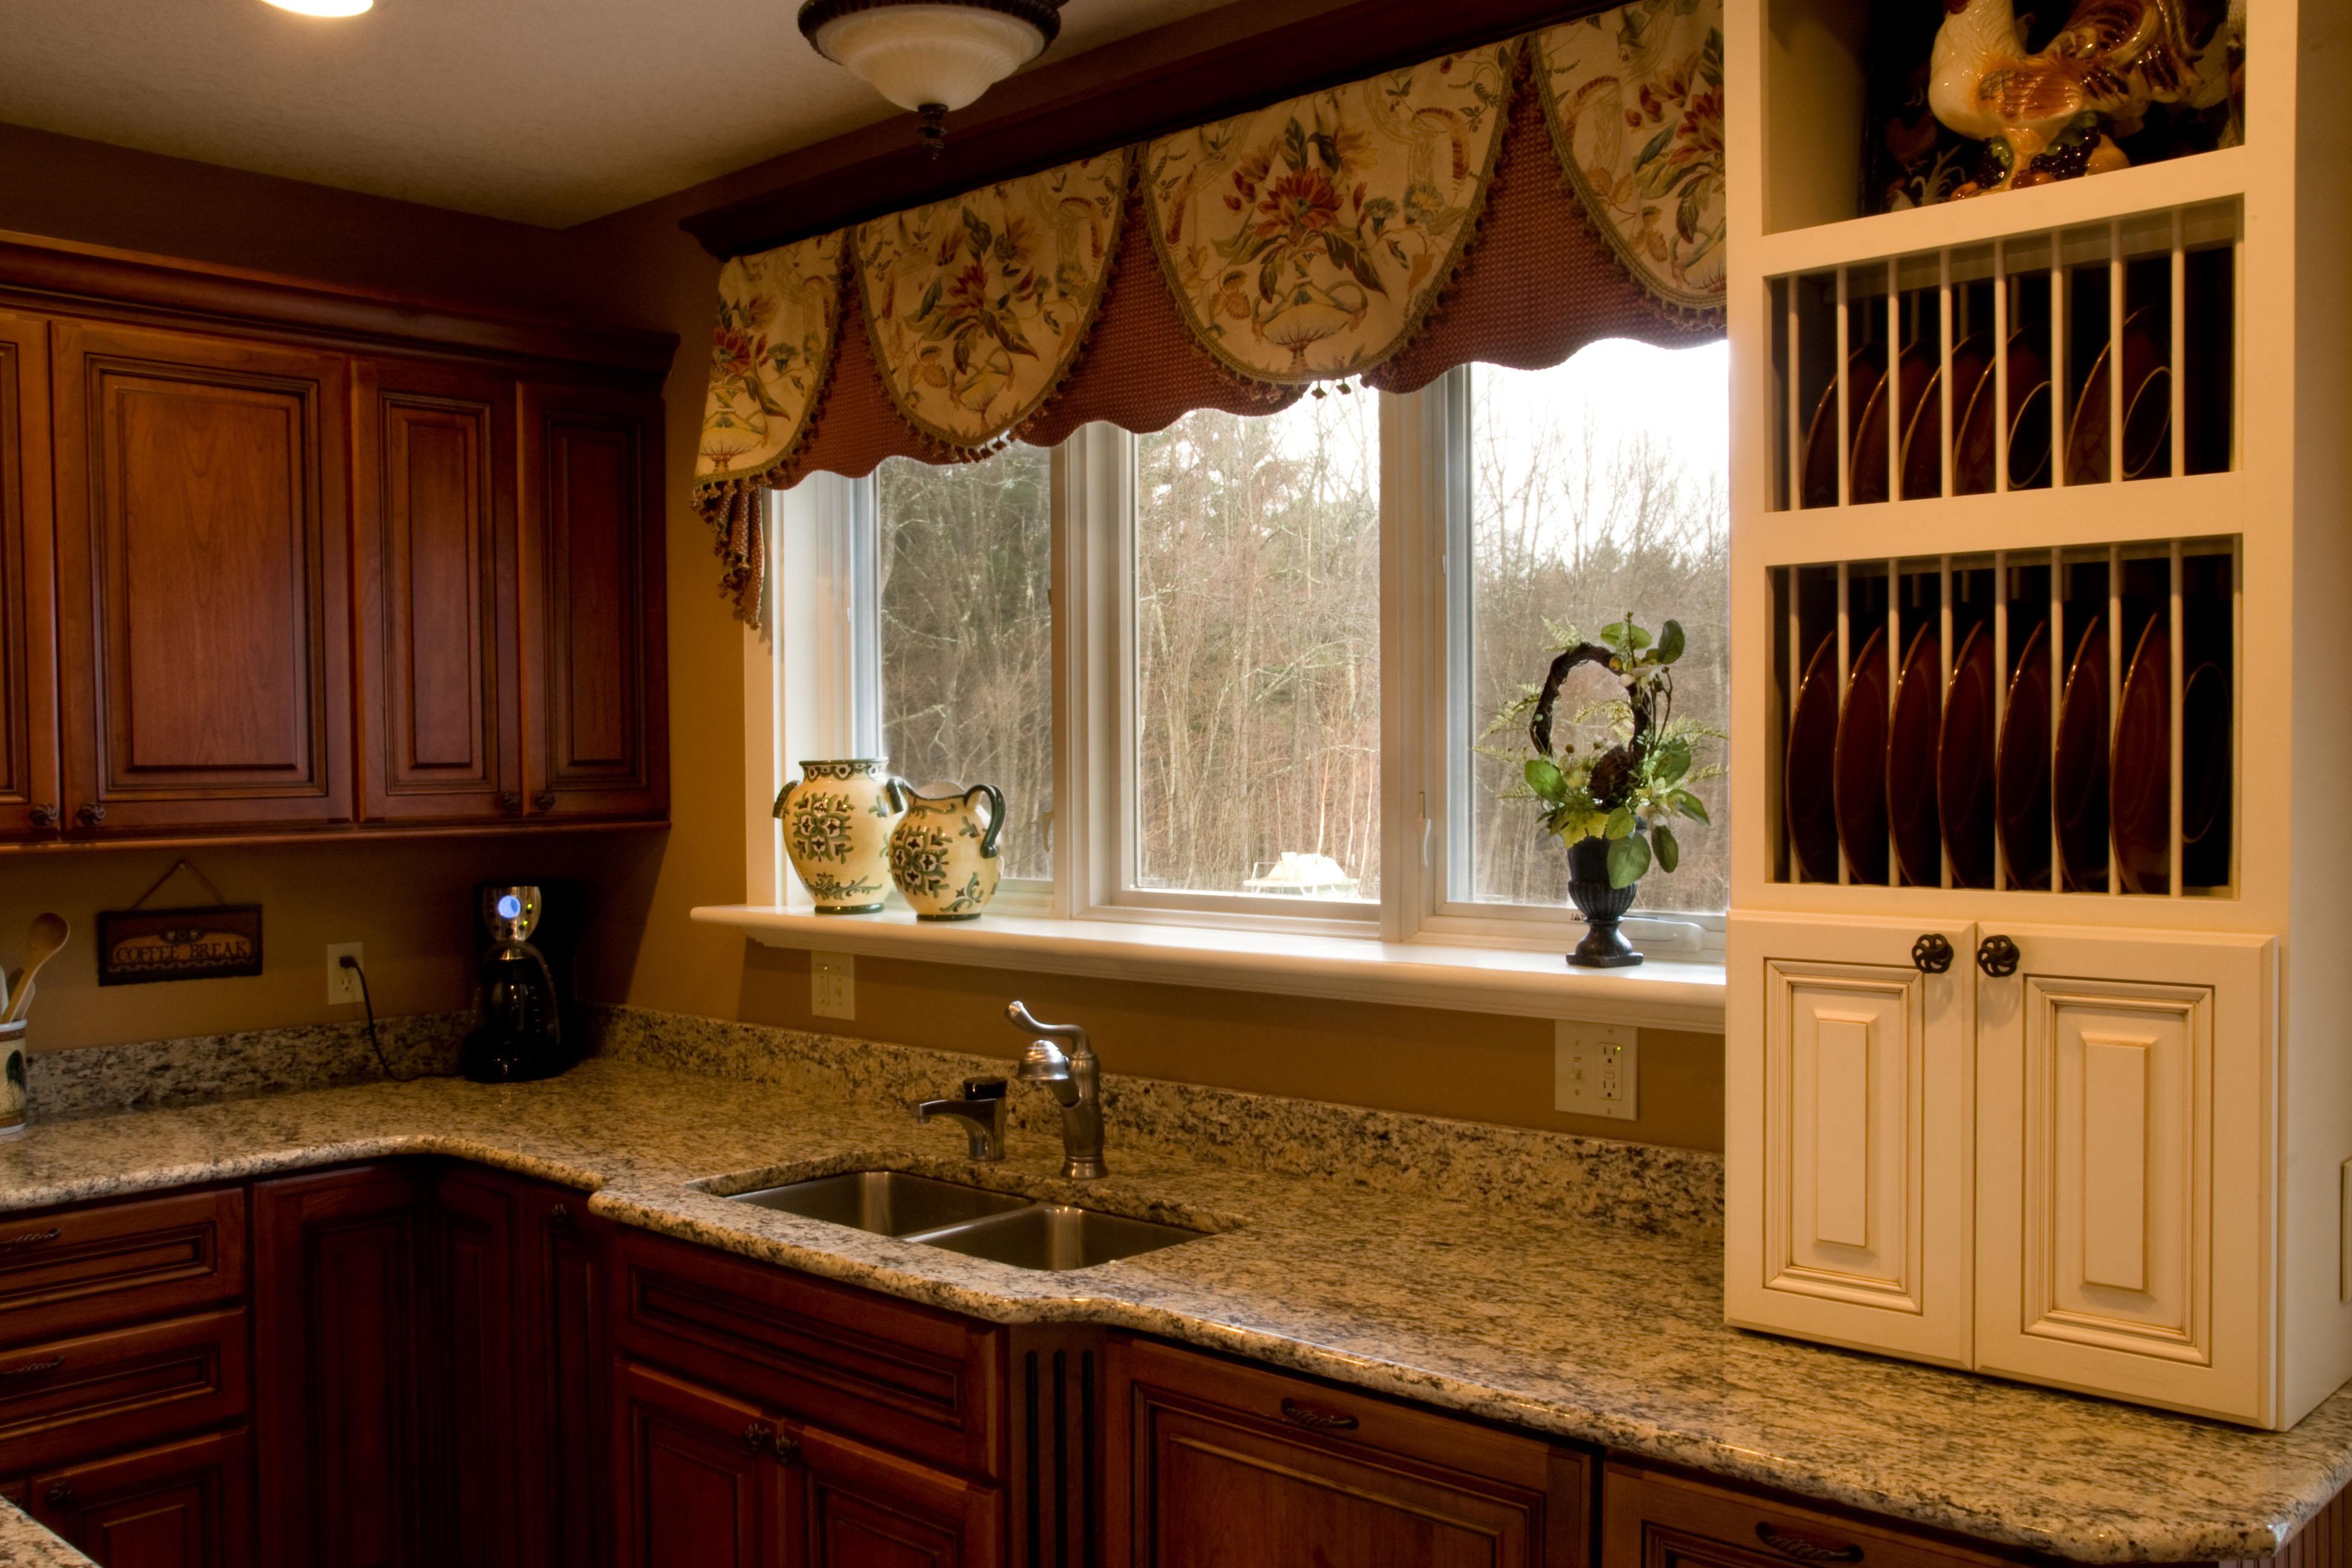 Jc Penneys Kitchen Curtains Tier Kitchen Curtains Kitchen Ideas